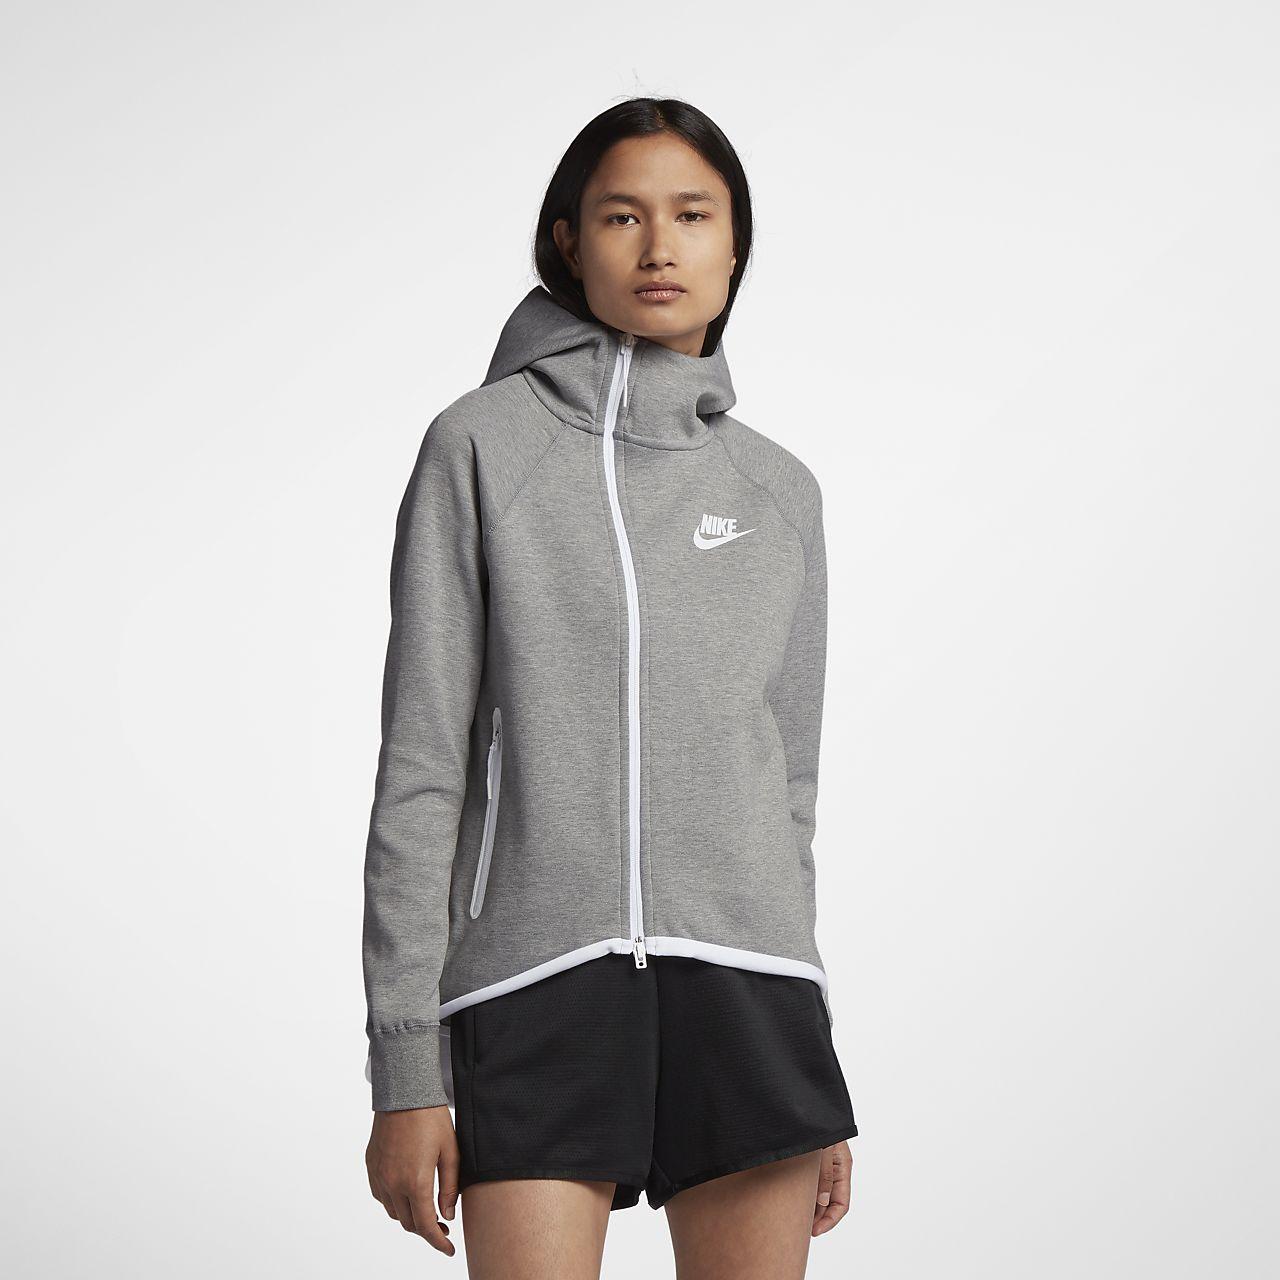 d03ebdd17292 Nike Sportswear Tech Fleece Women s Full-Zip Cape. Nike.com CH